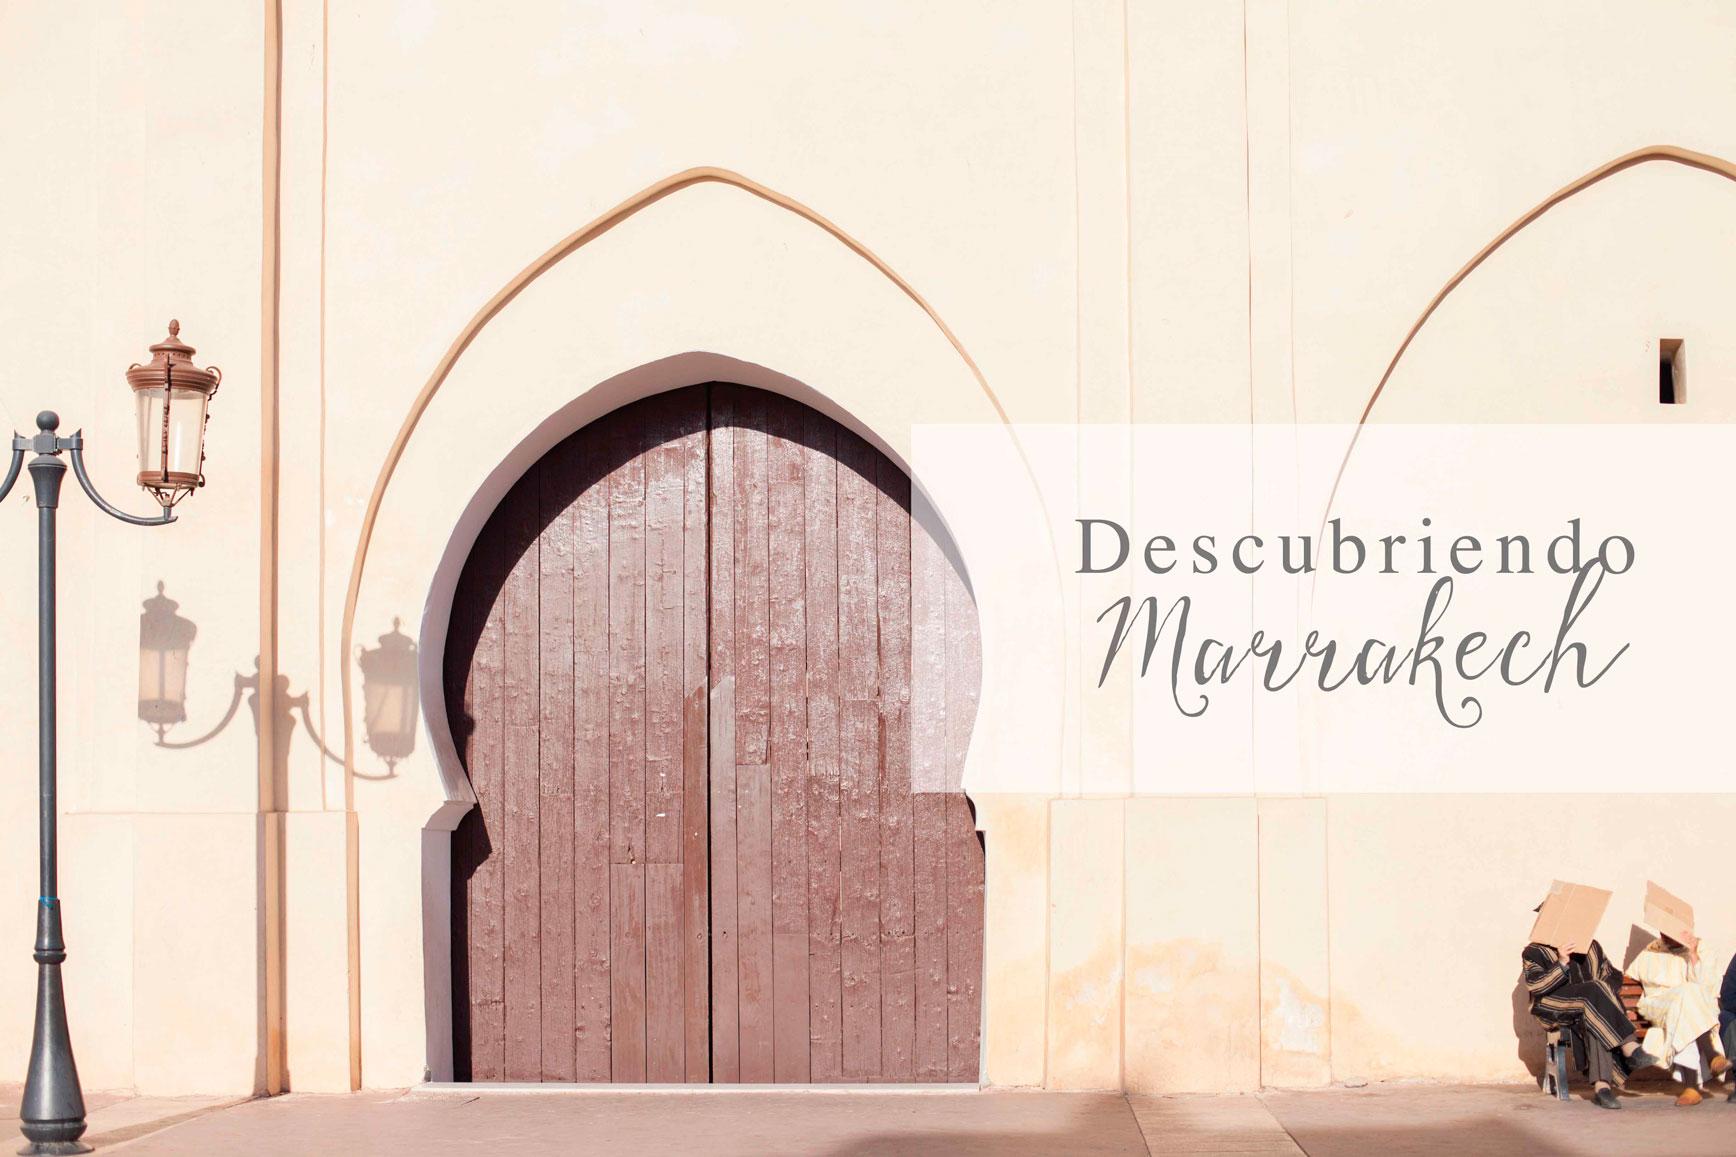 Marrakech_claraBmartin_02